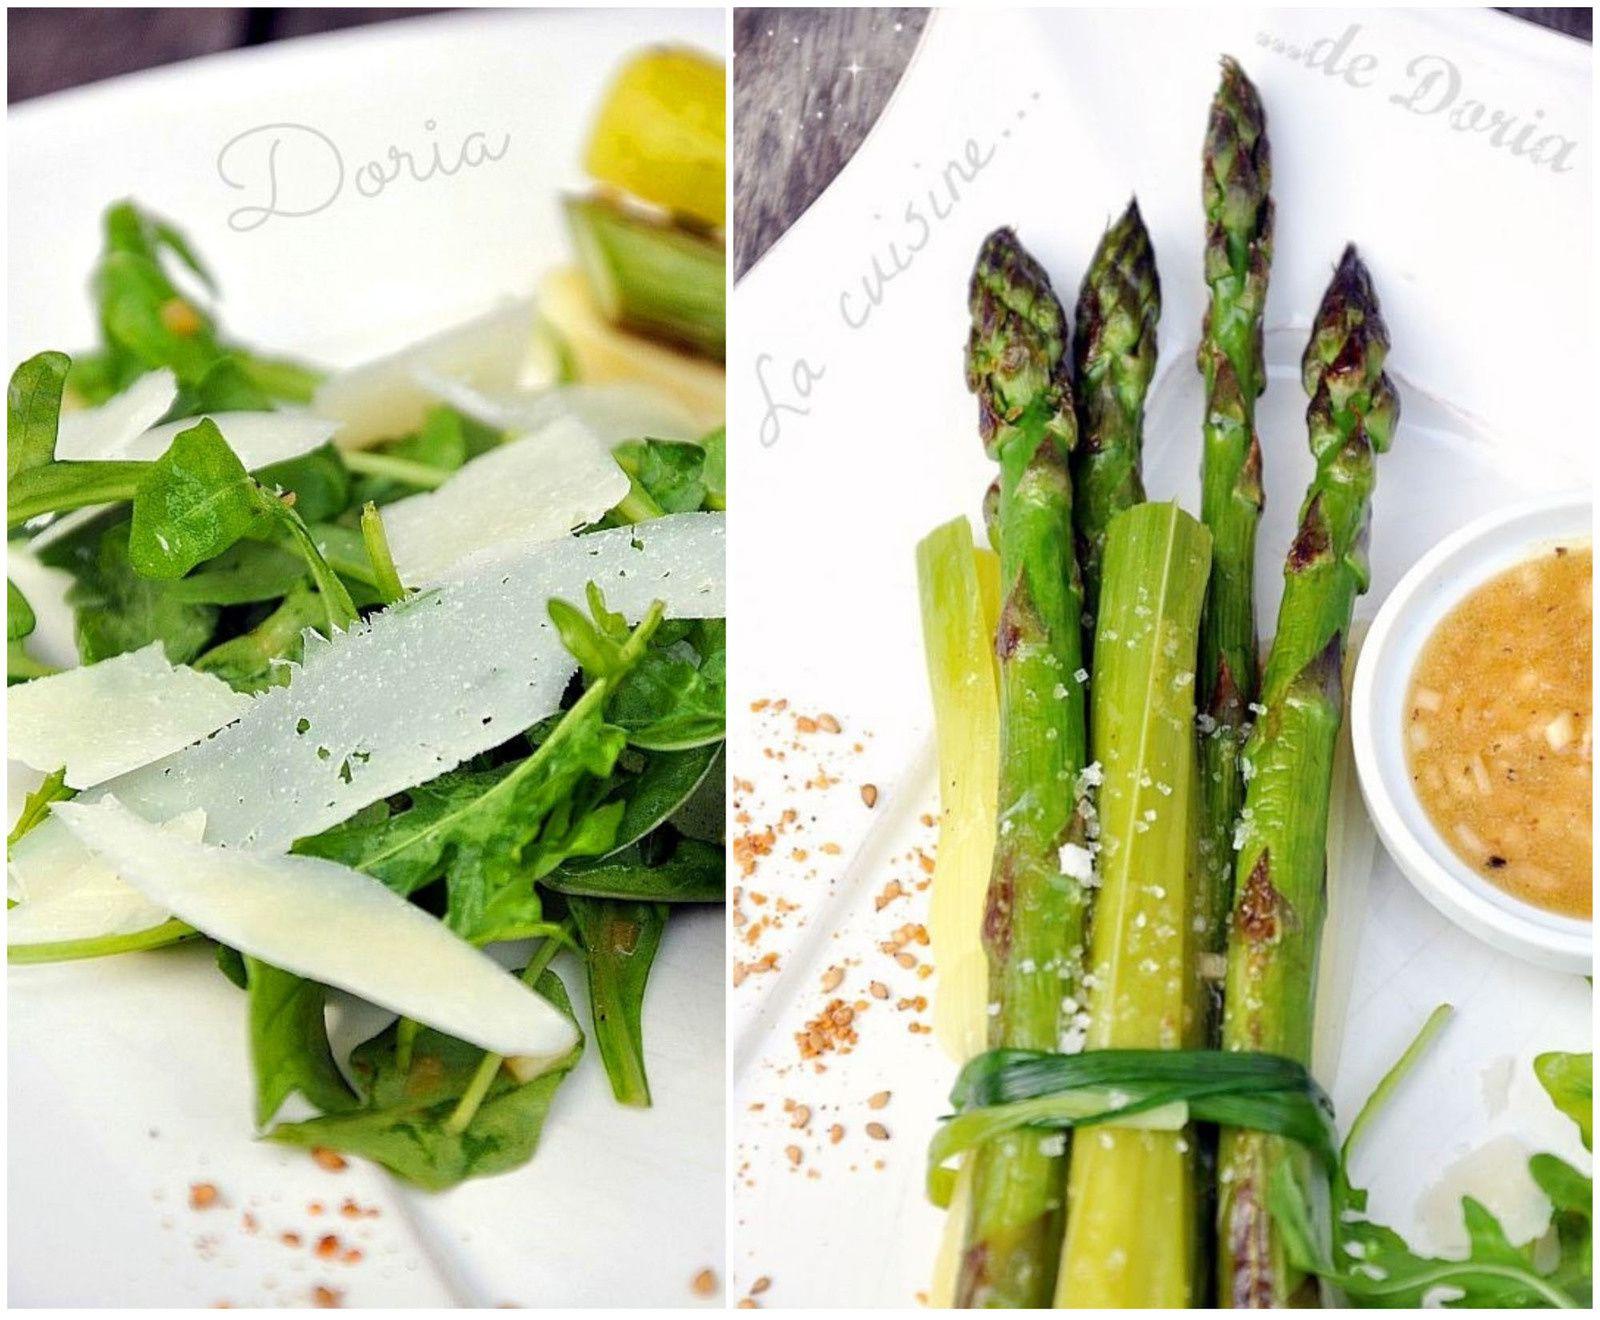 Salade d'aperges et poireaux vinaigrette et copeaux de Manchego